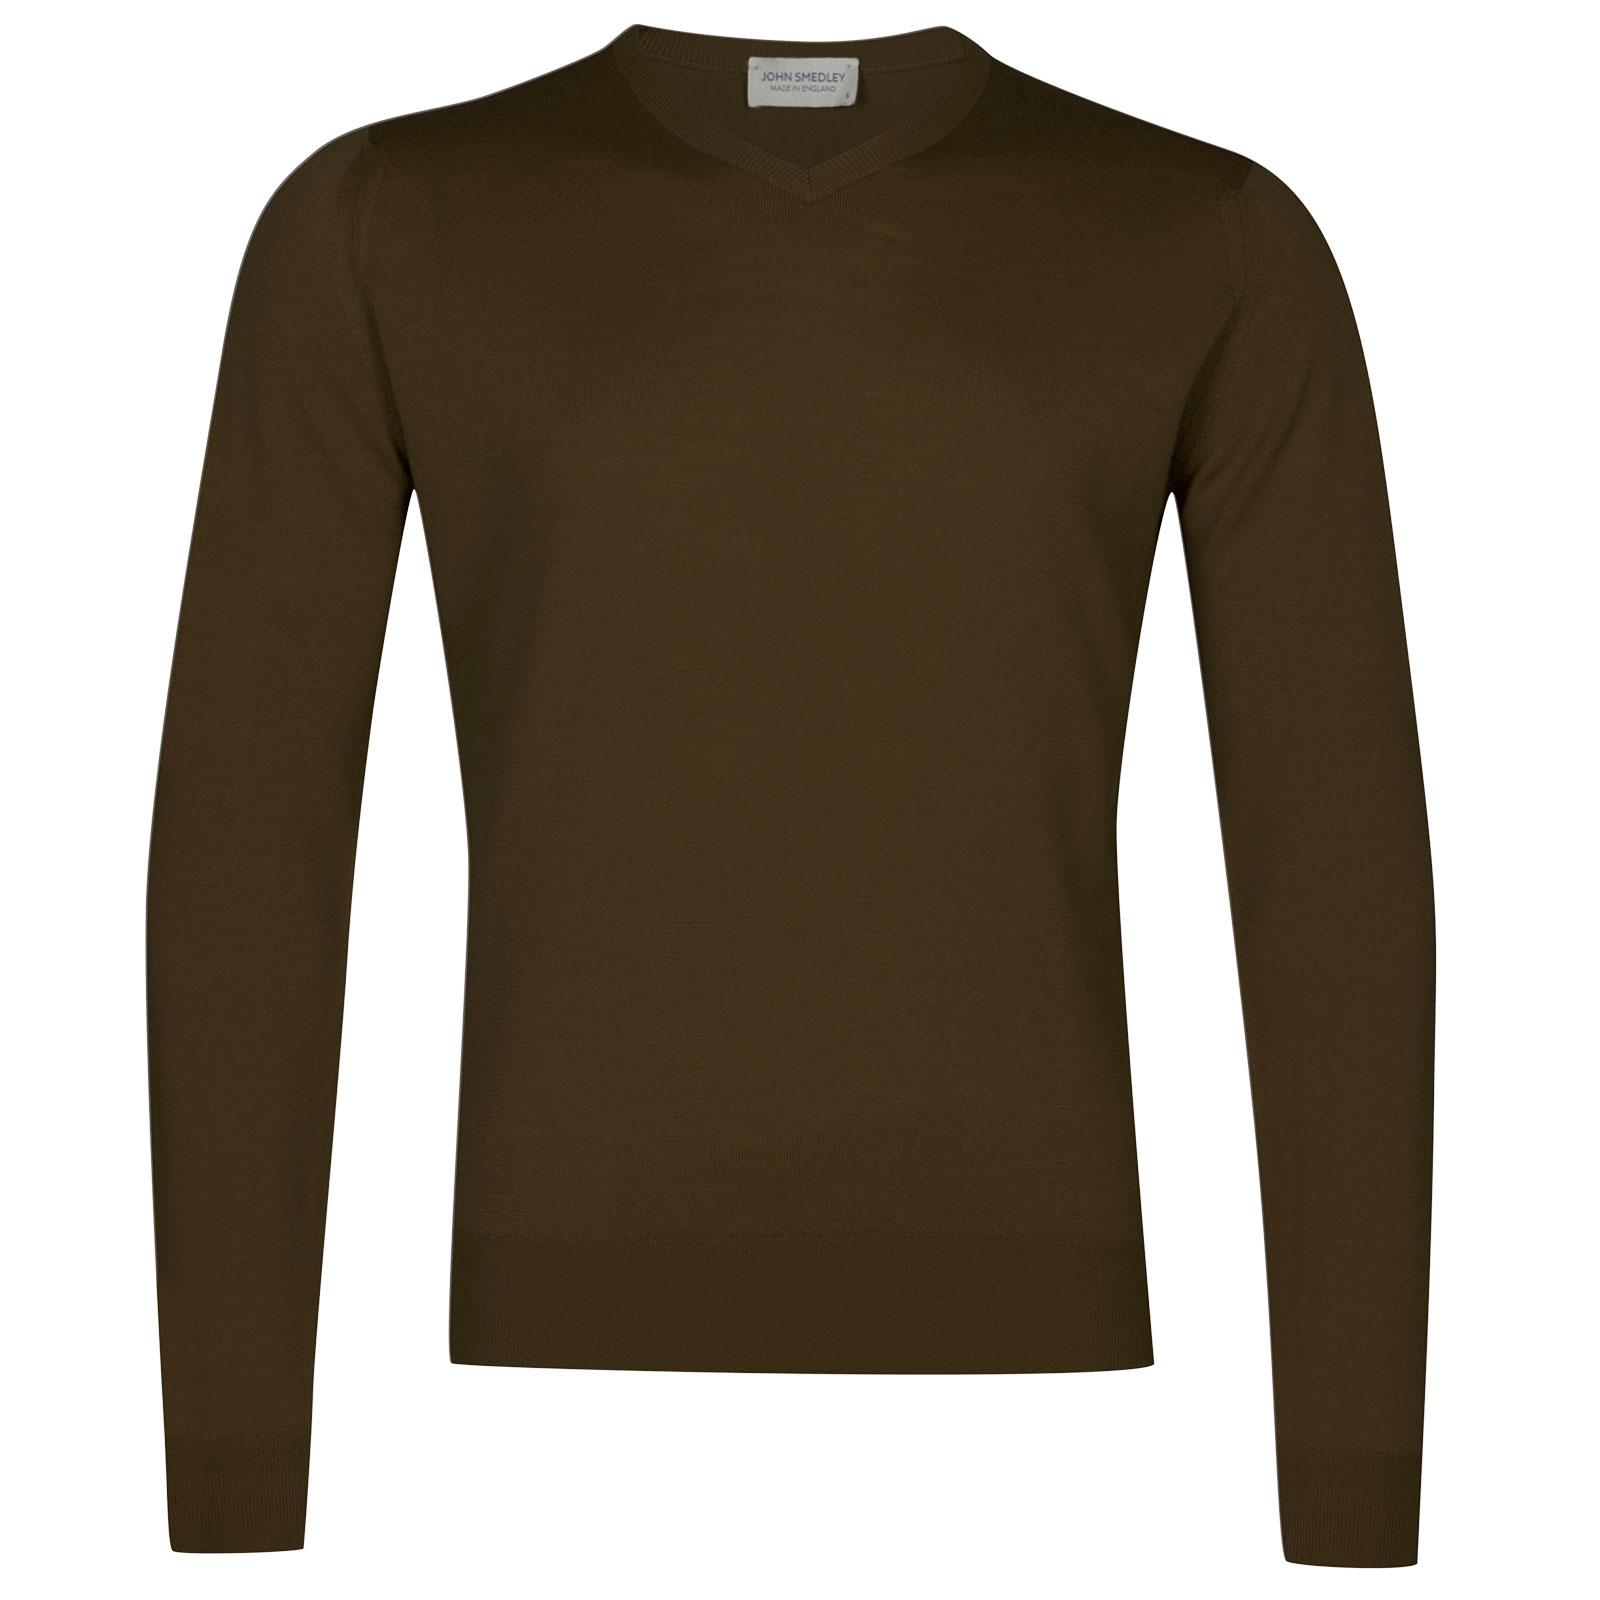 John Smedley Genoa Merino Wool Pullover in Khaki-S